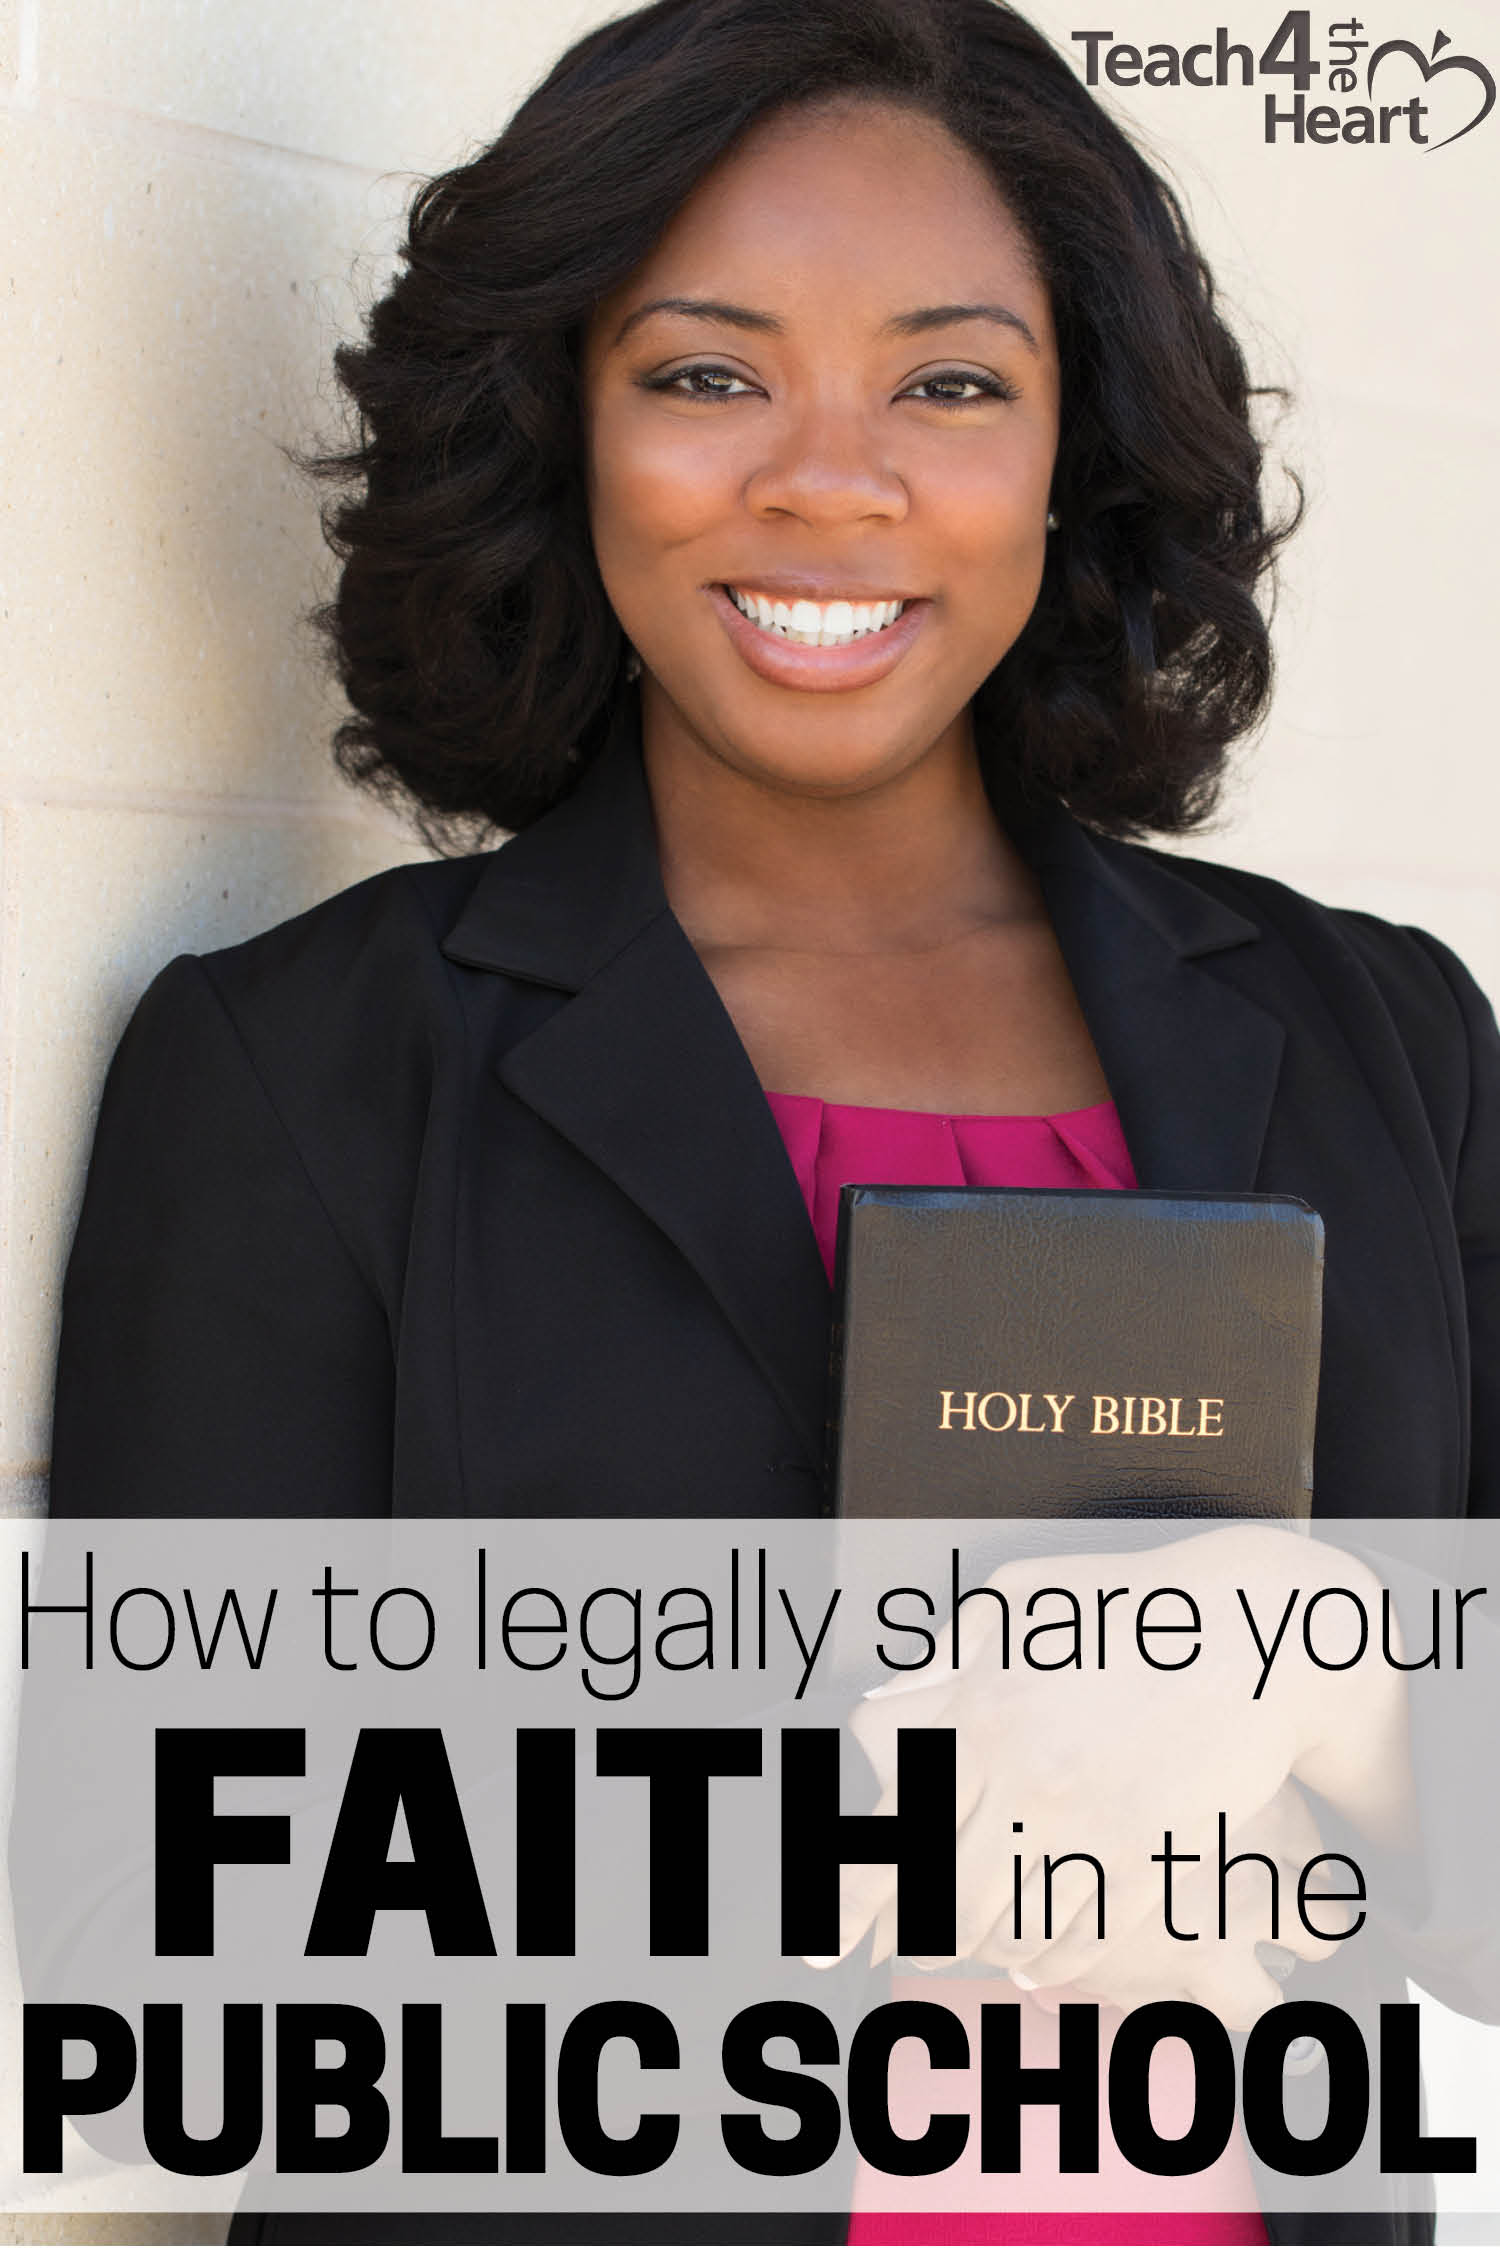 how Christian teachers can legally teach about religion & discuss faith in the public school